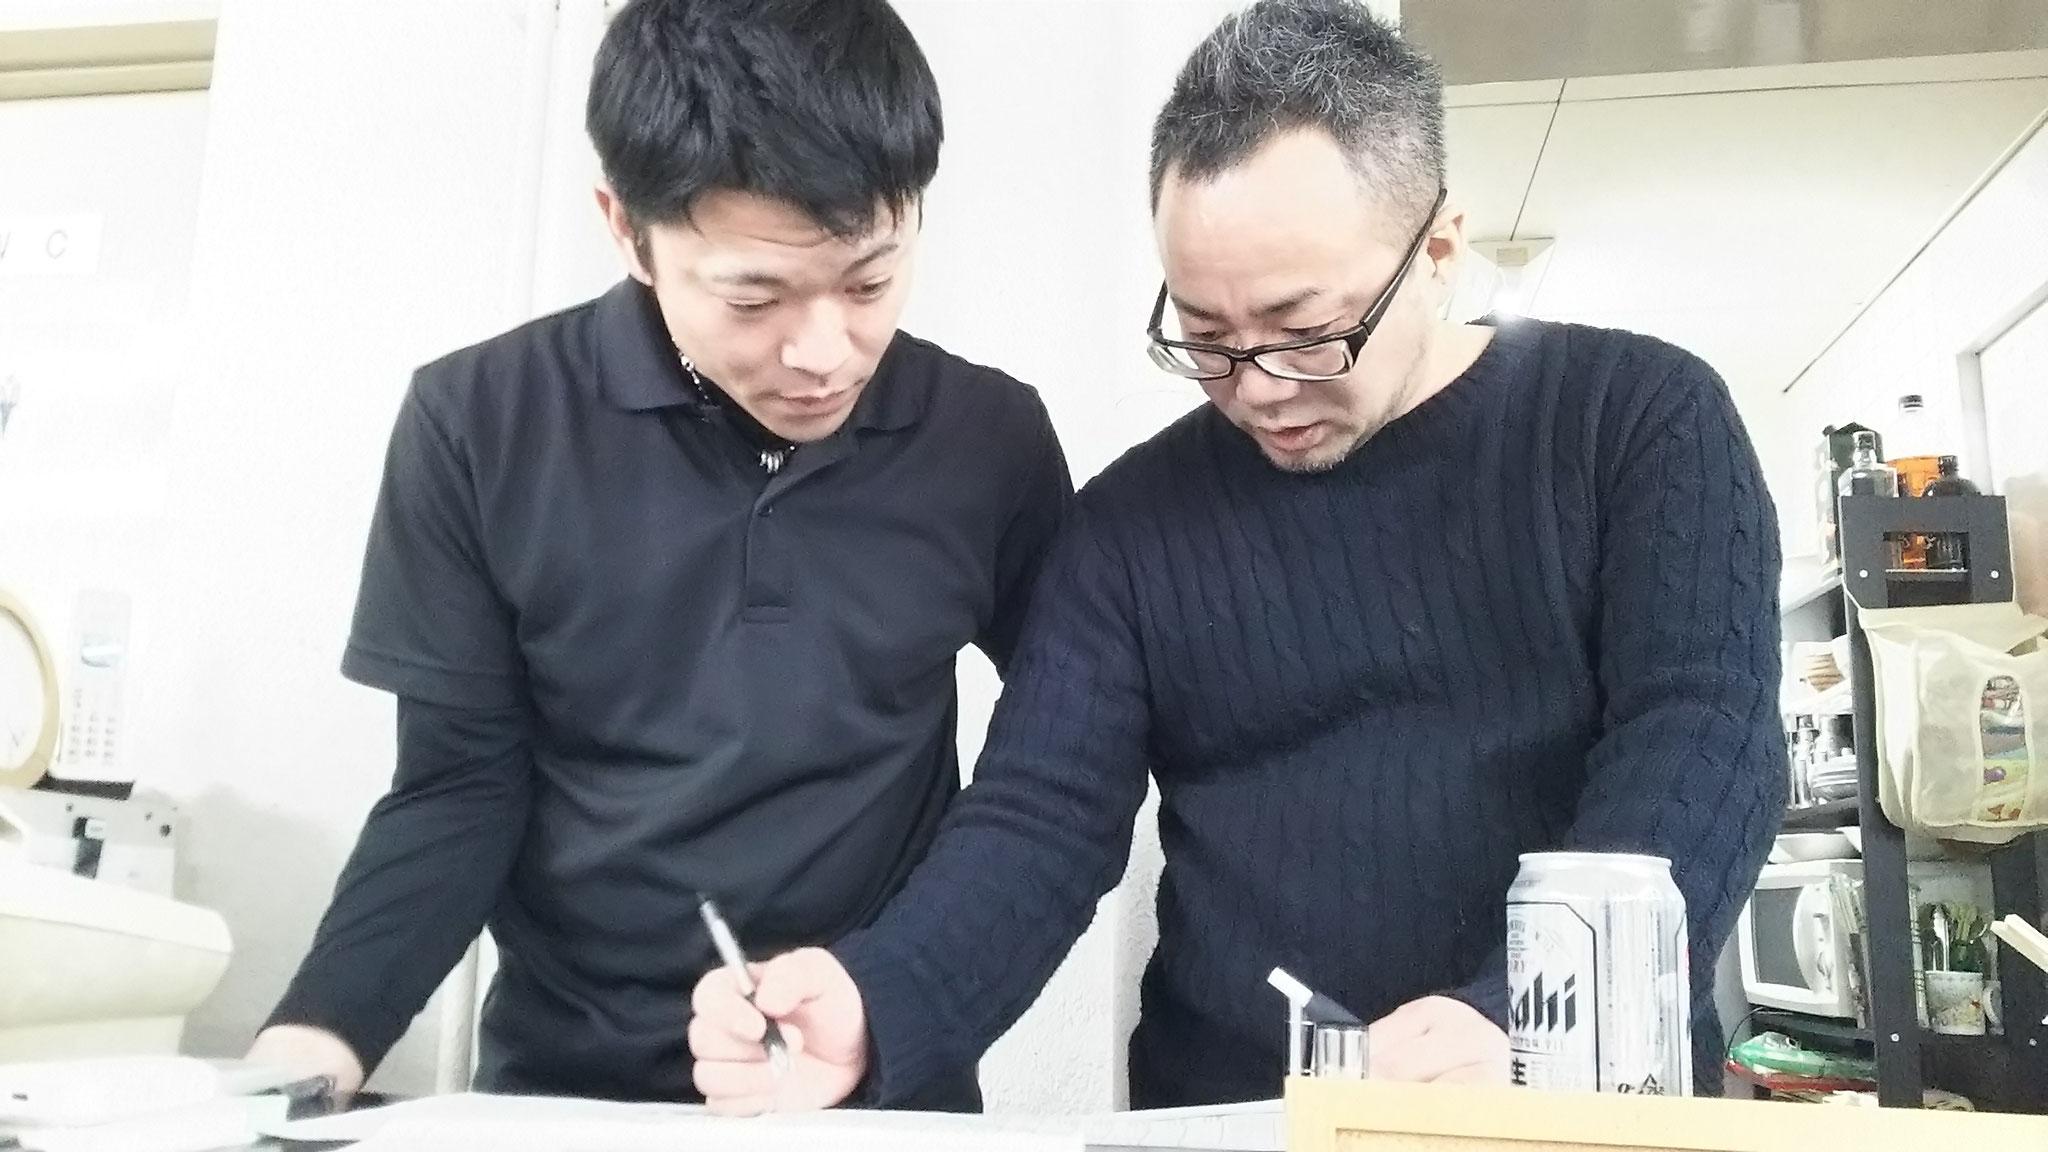 戸田君&永藤君、運営おつかれさま~♪ めっちゃ真剣やん!